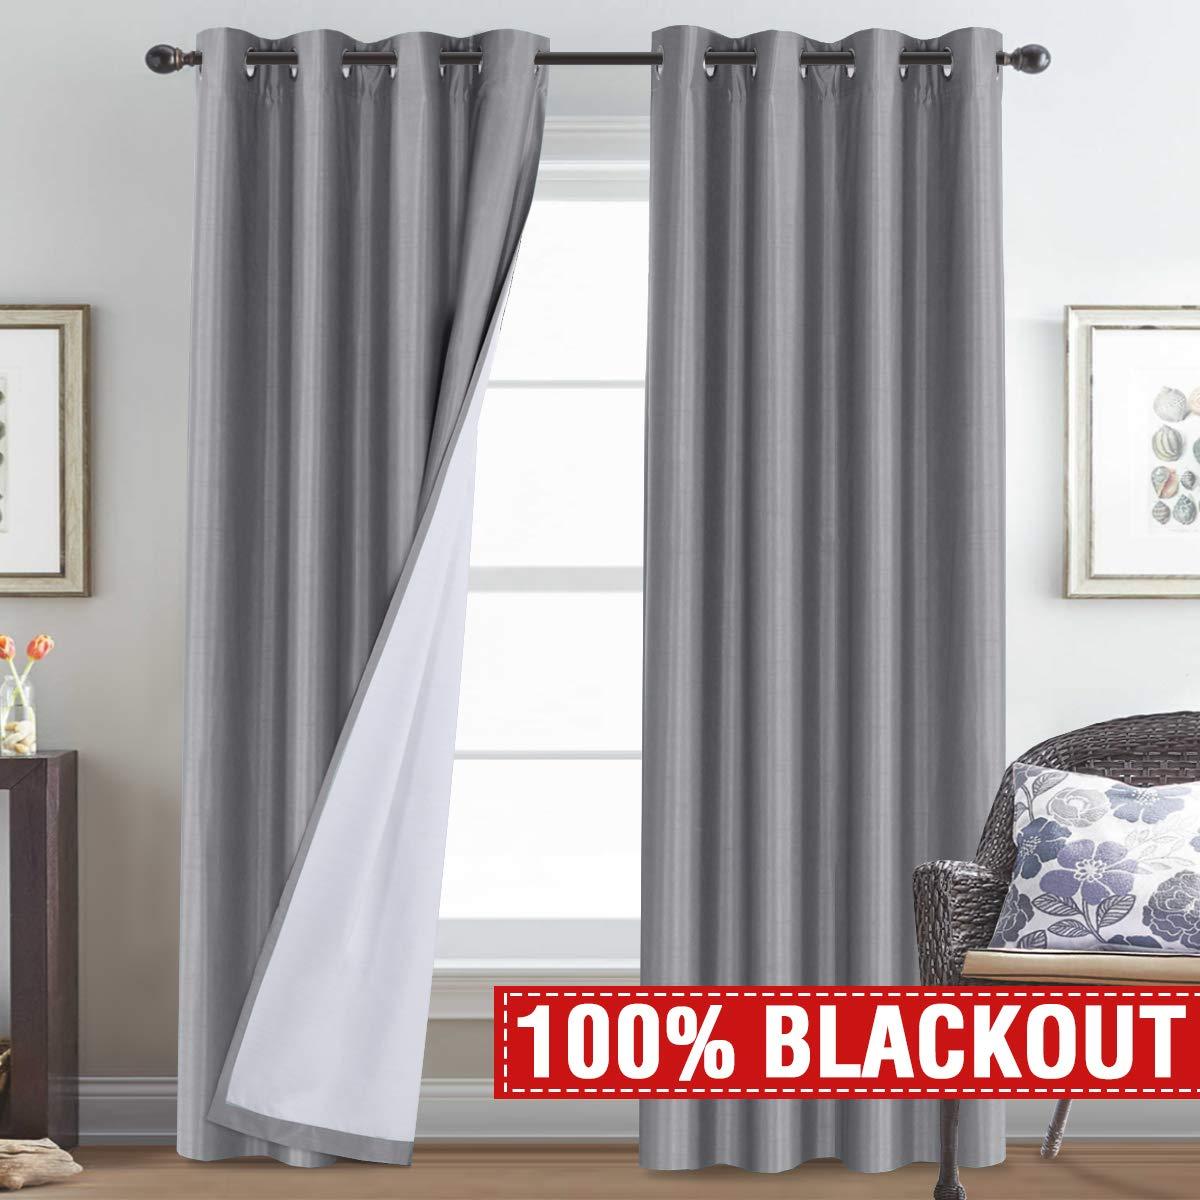 H.VERSAILTEX 100% Blackout Curtains For Sliding Glass Door